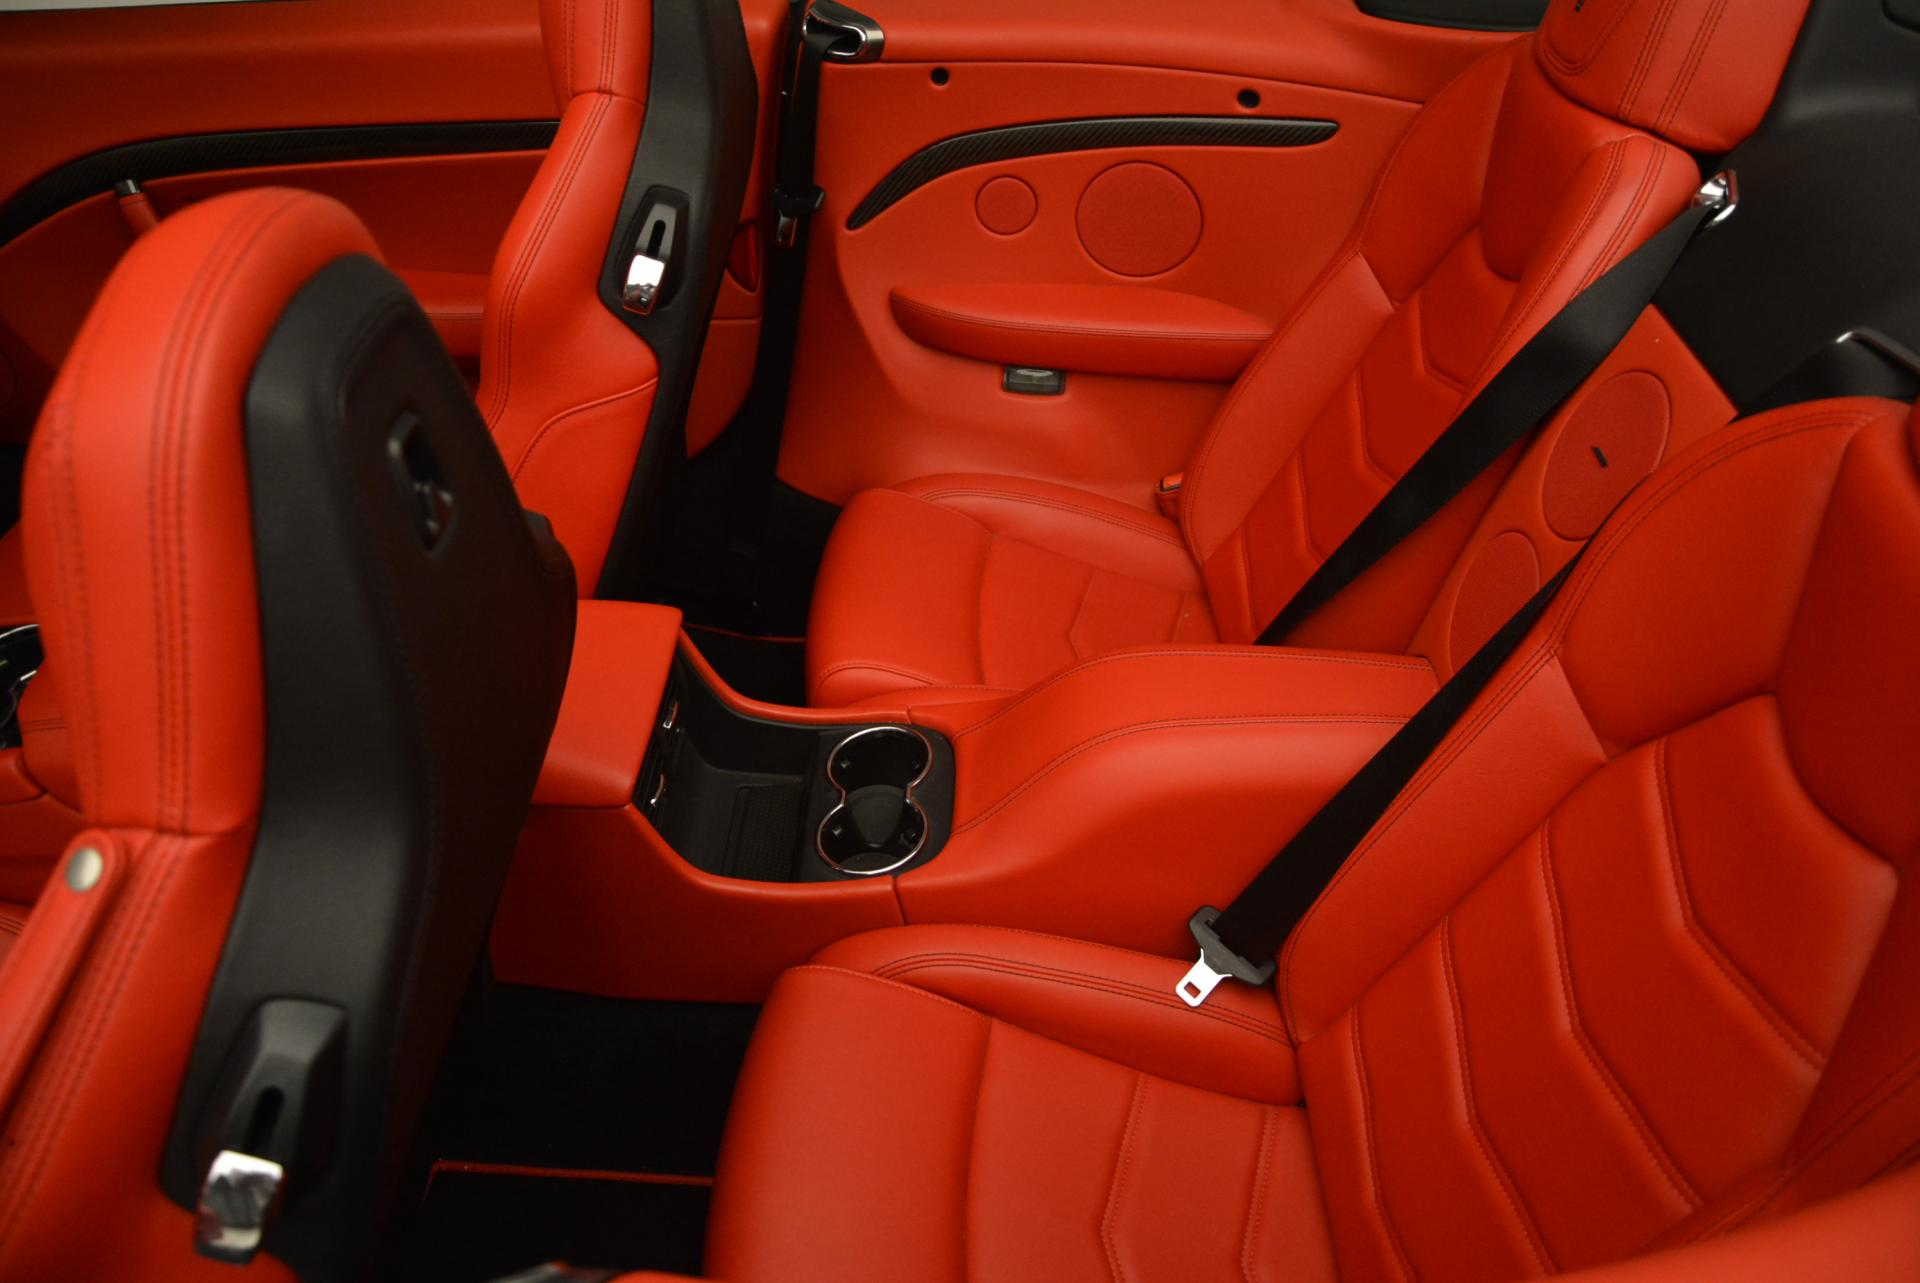 Used 2013 Maserati GranTurismo MC For Sale In Greenwich, CT. Alfa Romeo of Greenwich, 7081 521_p25